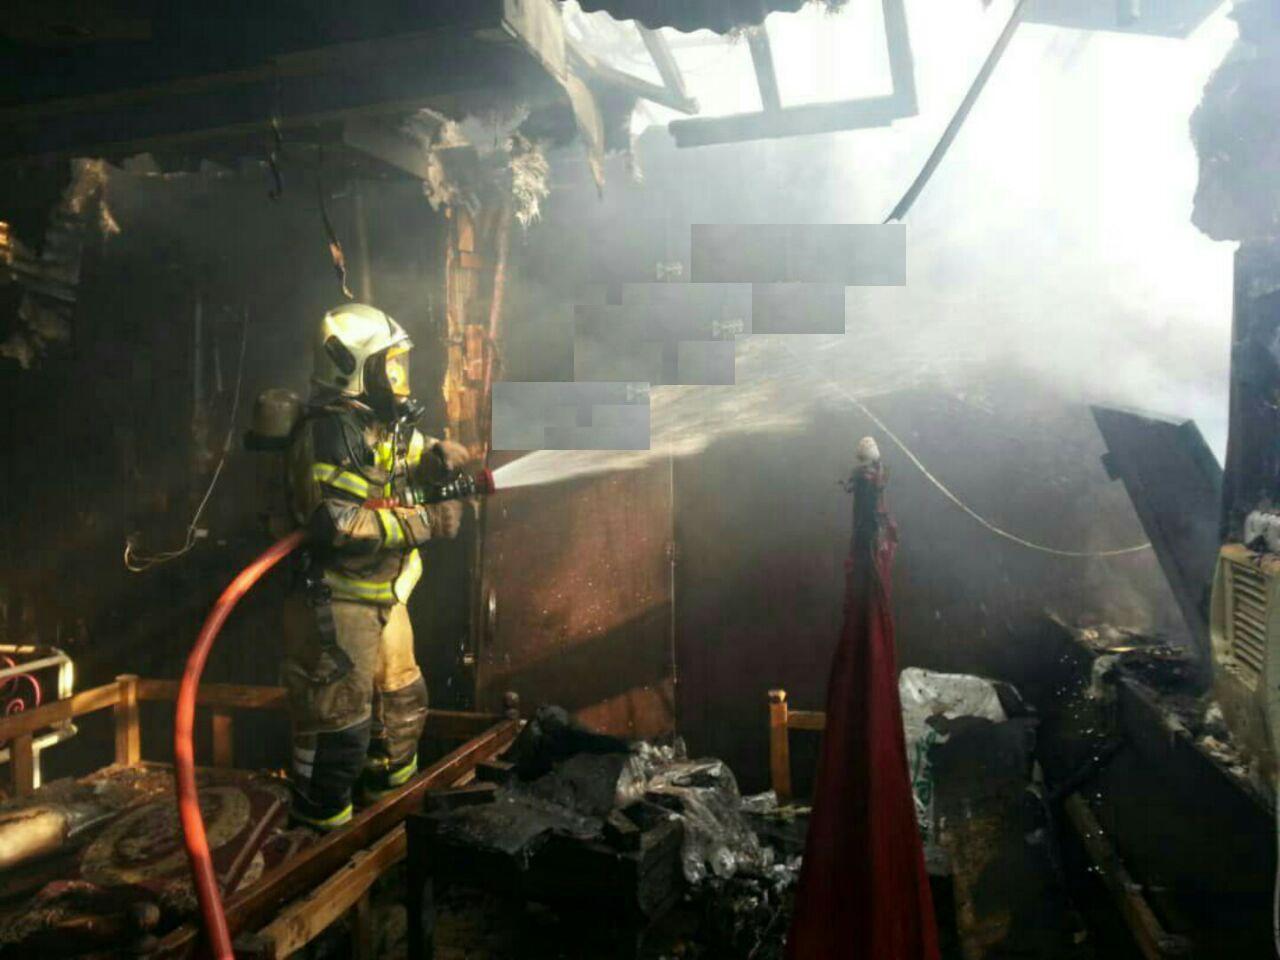 آتش سوزی غذاخوری یک باغ رستوران در فرحزاد